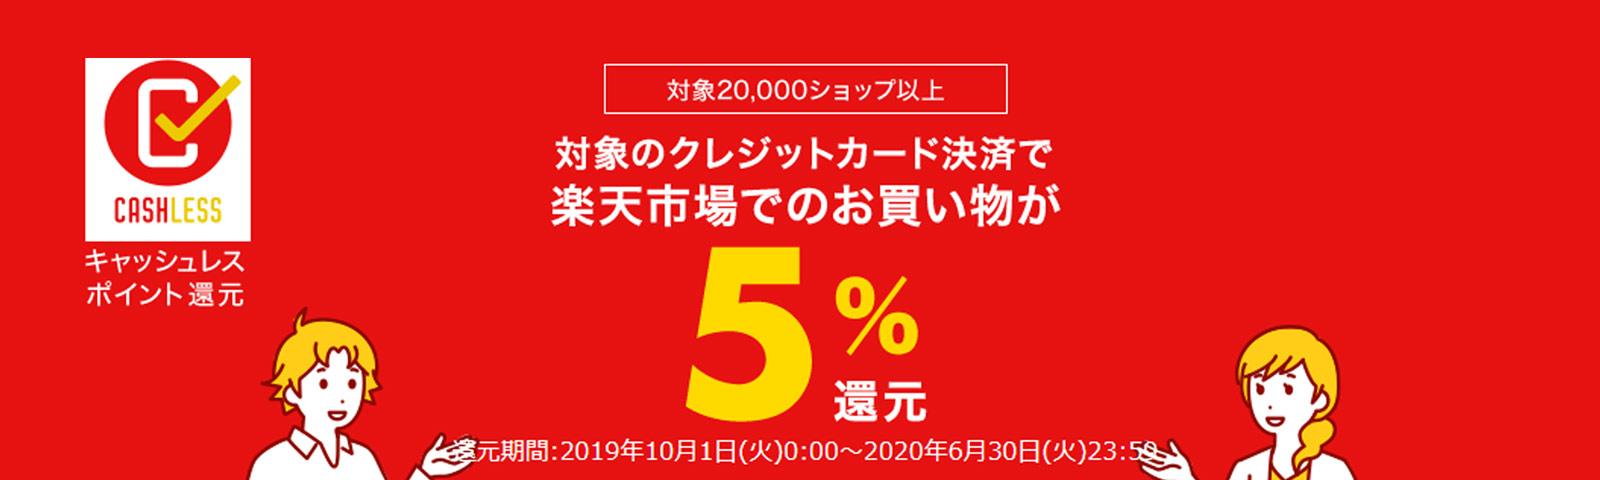 【経産省指定】『キャッシュレス・消費者還元事業』